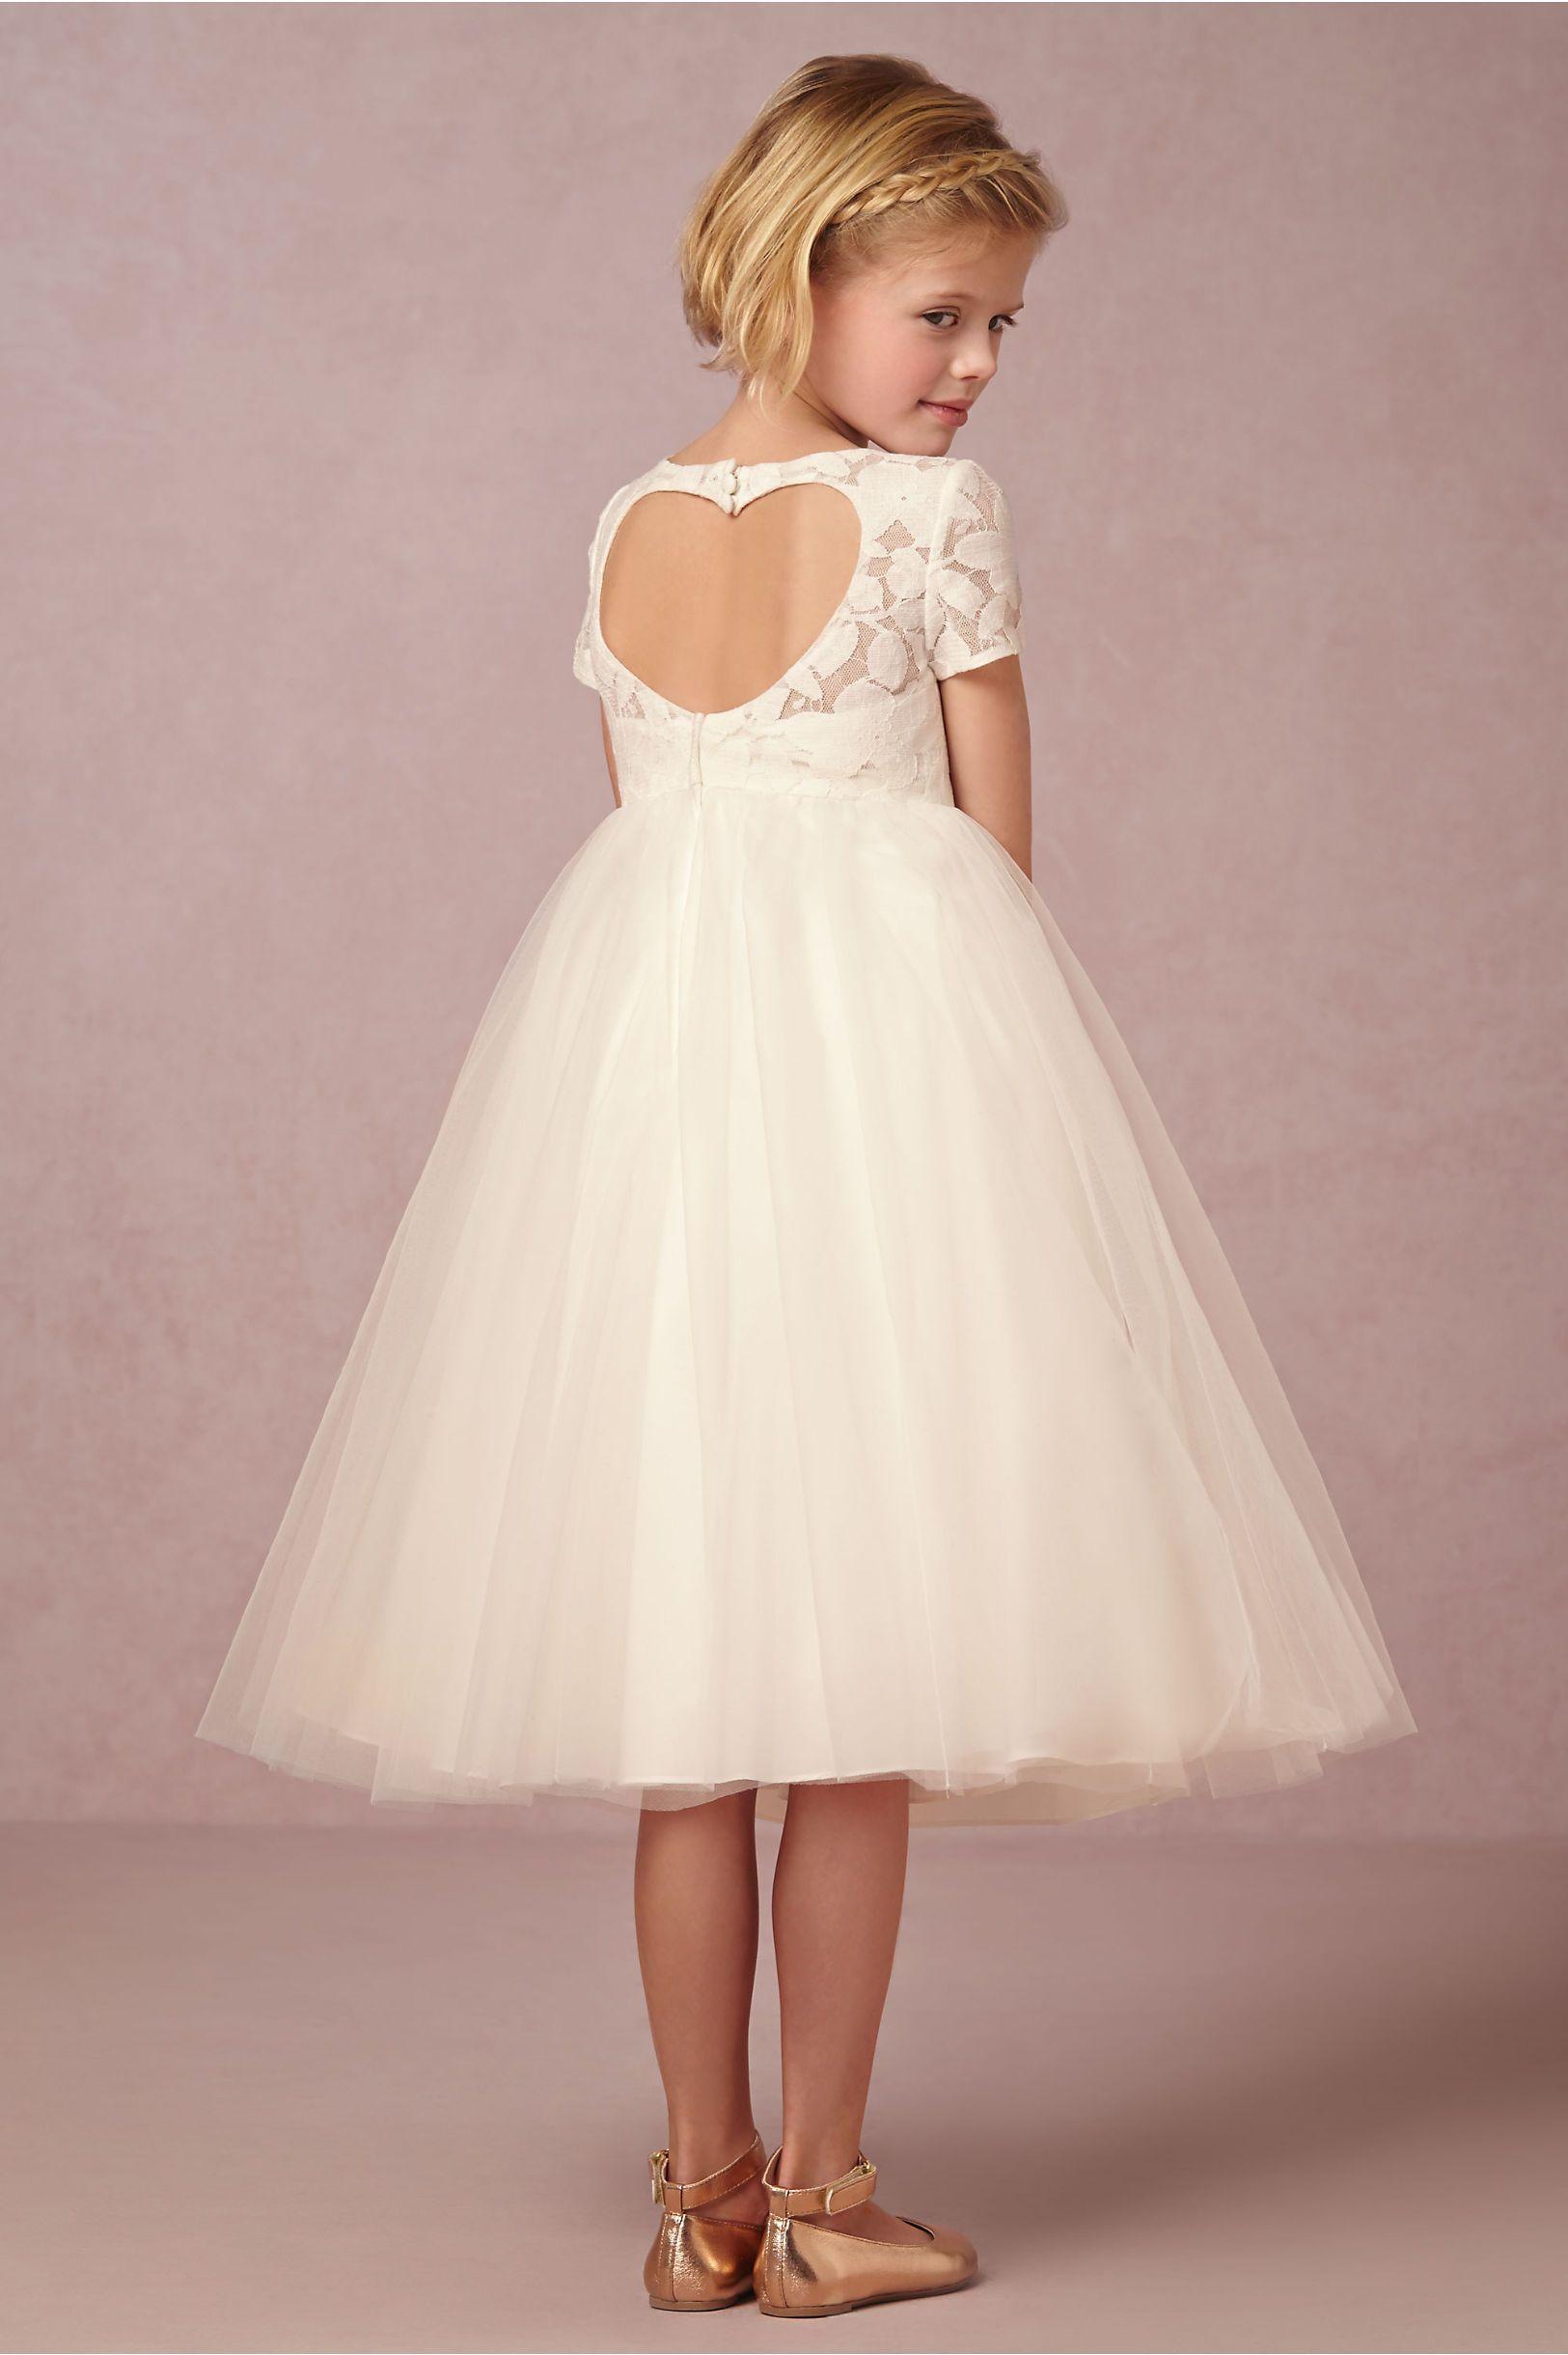 Blumenmädchen, Hochzeit, Blumenkinder, Kleider für Blumenmädchen ...